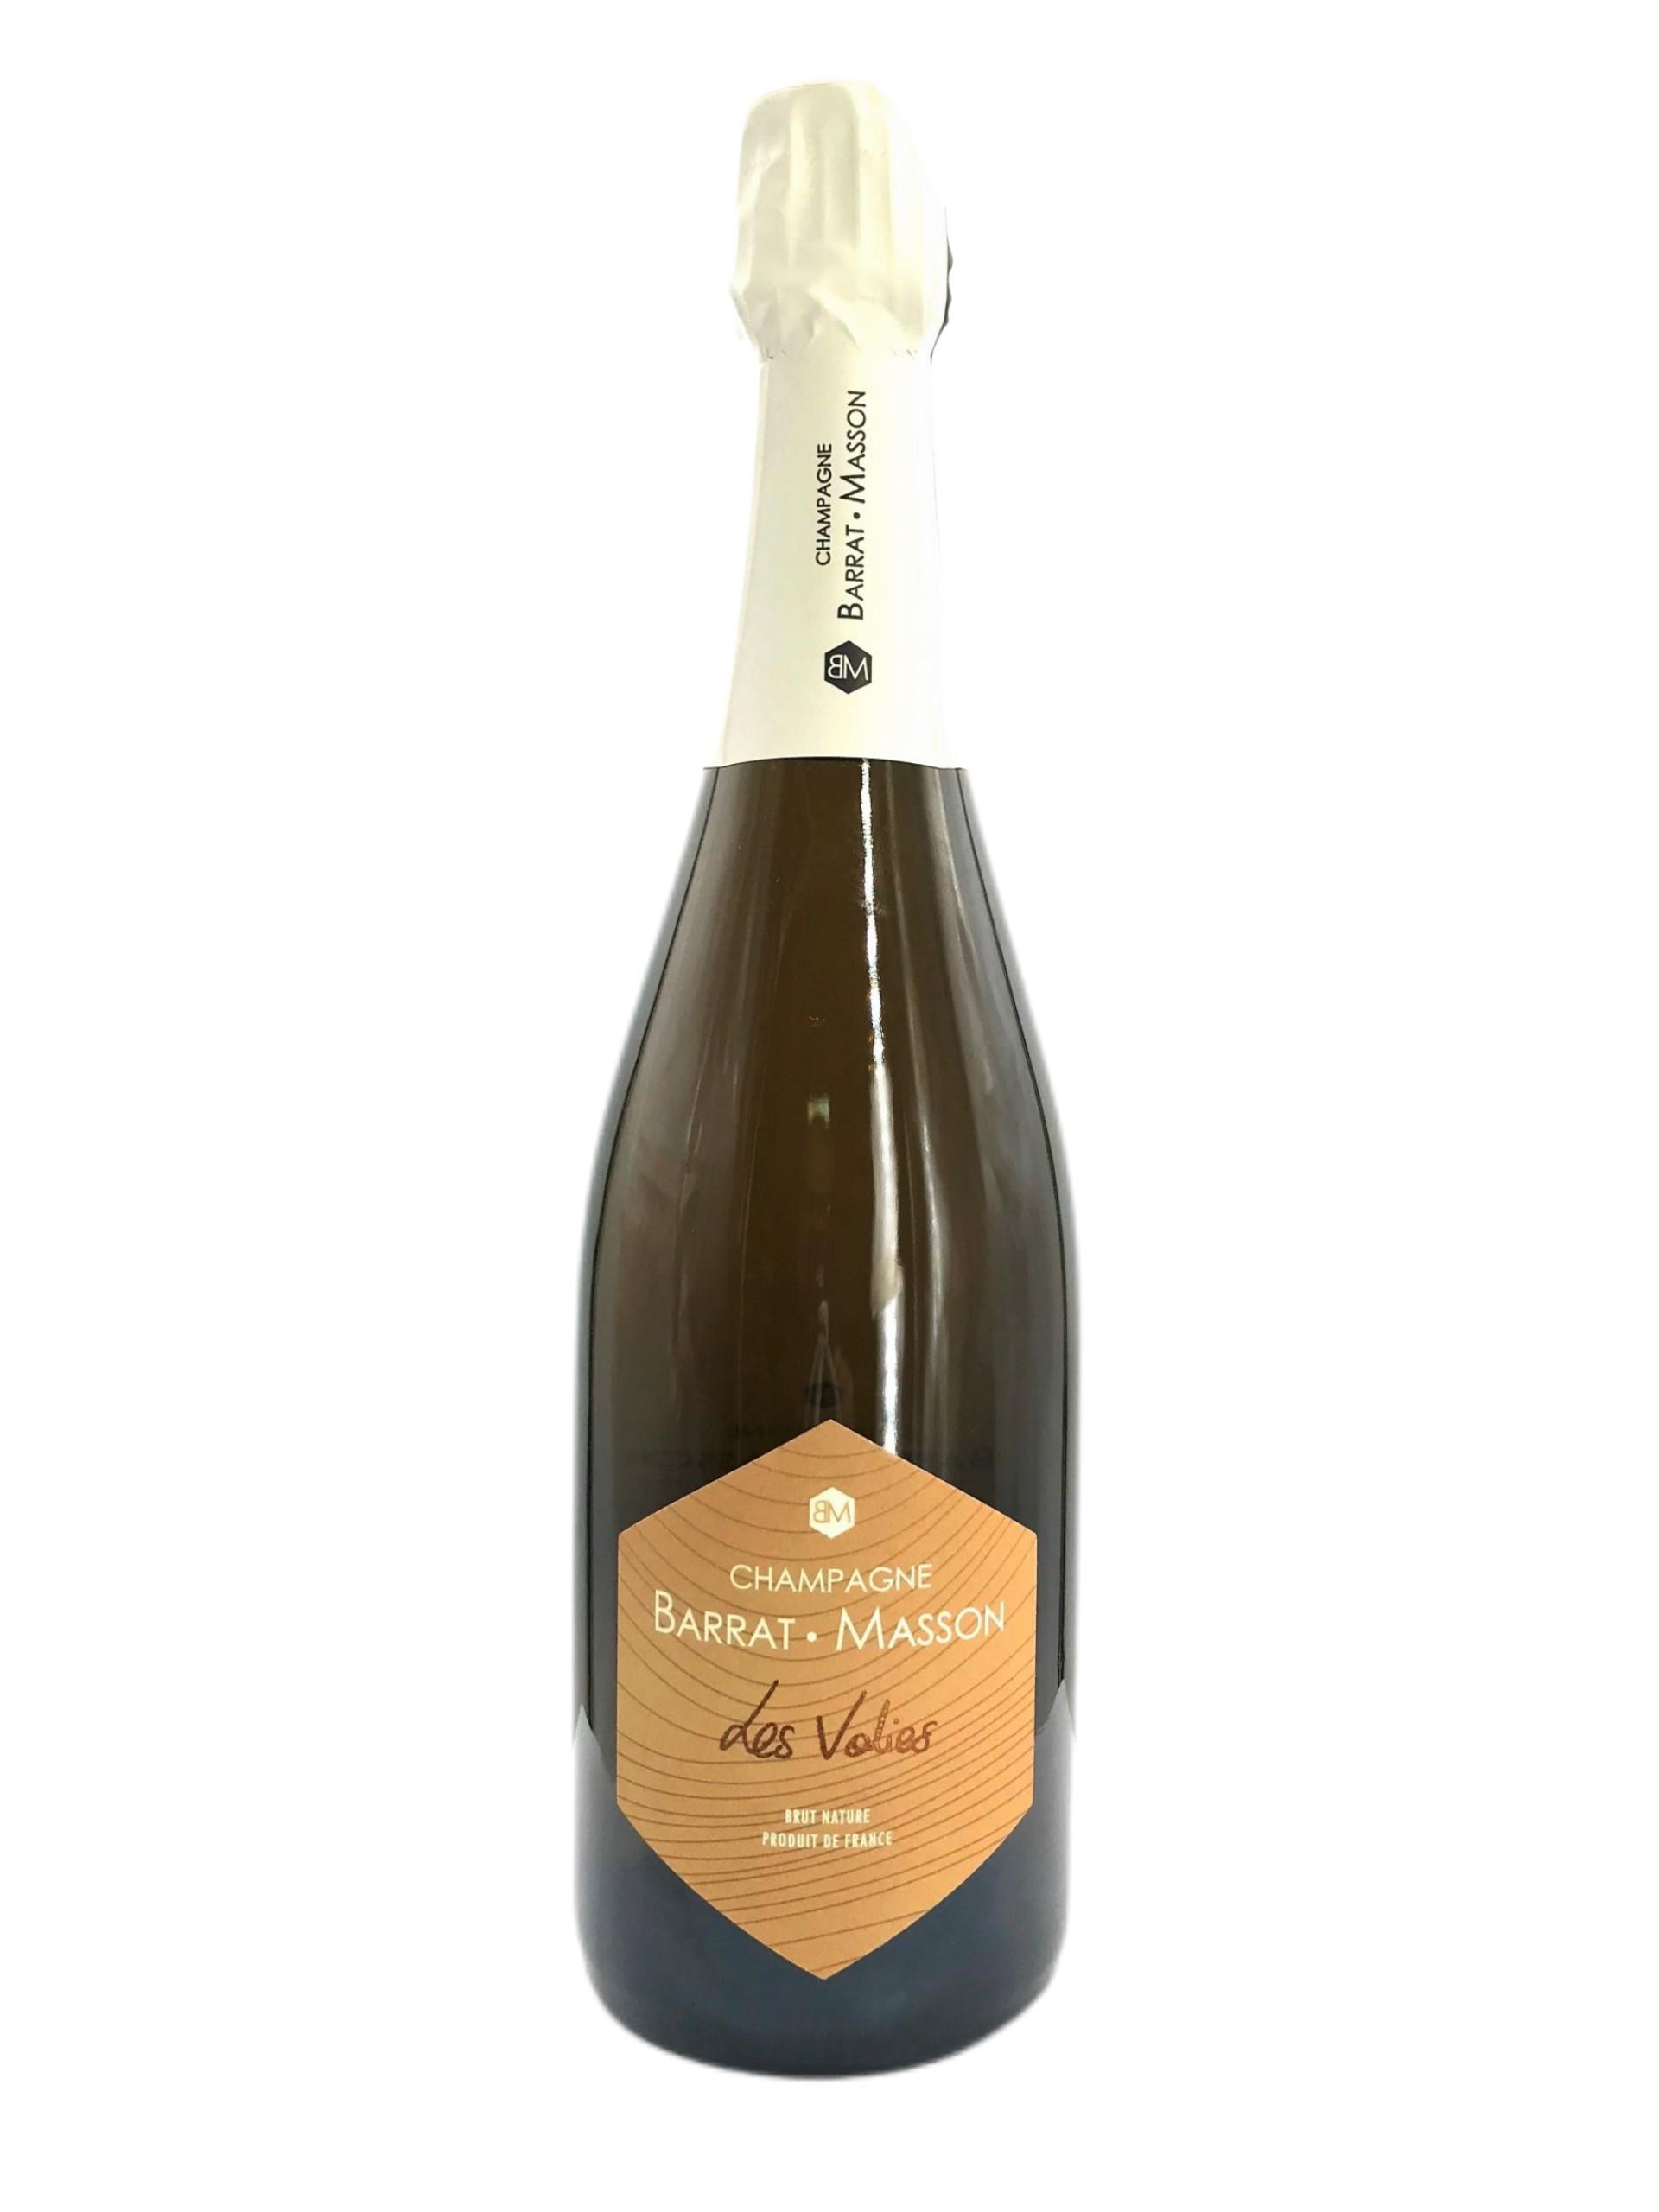 Champagne Barrat Masson Les Volies